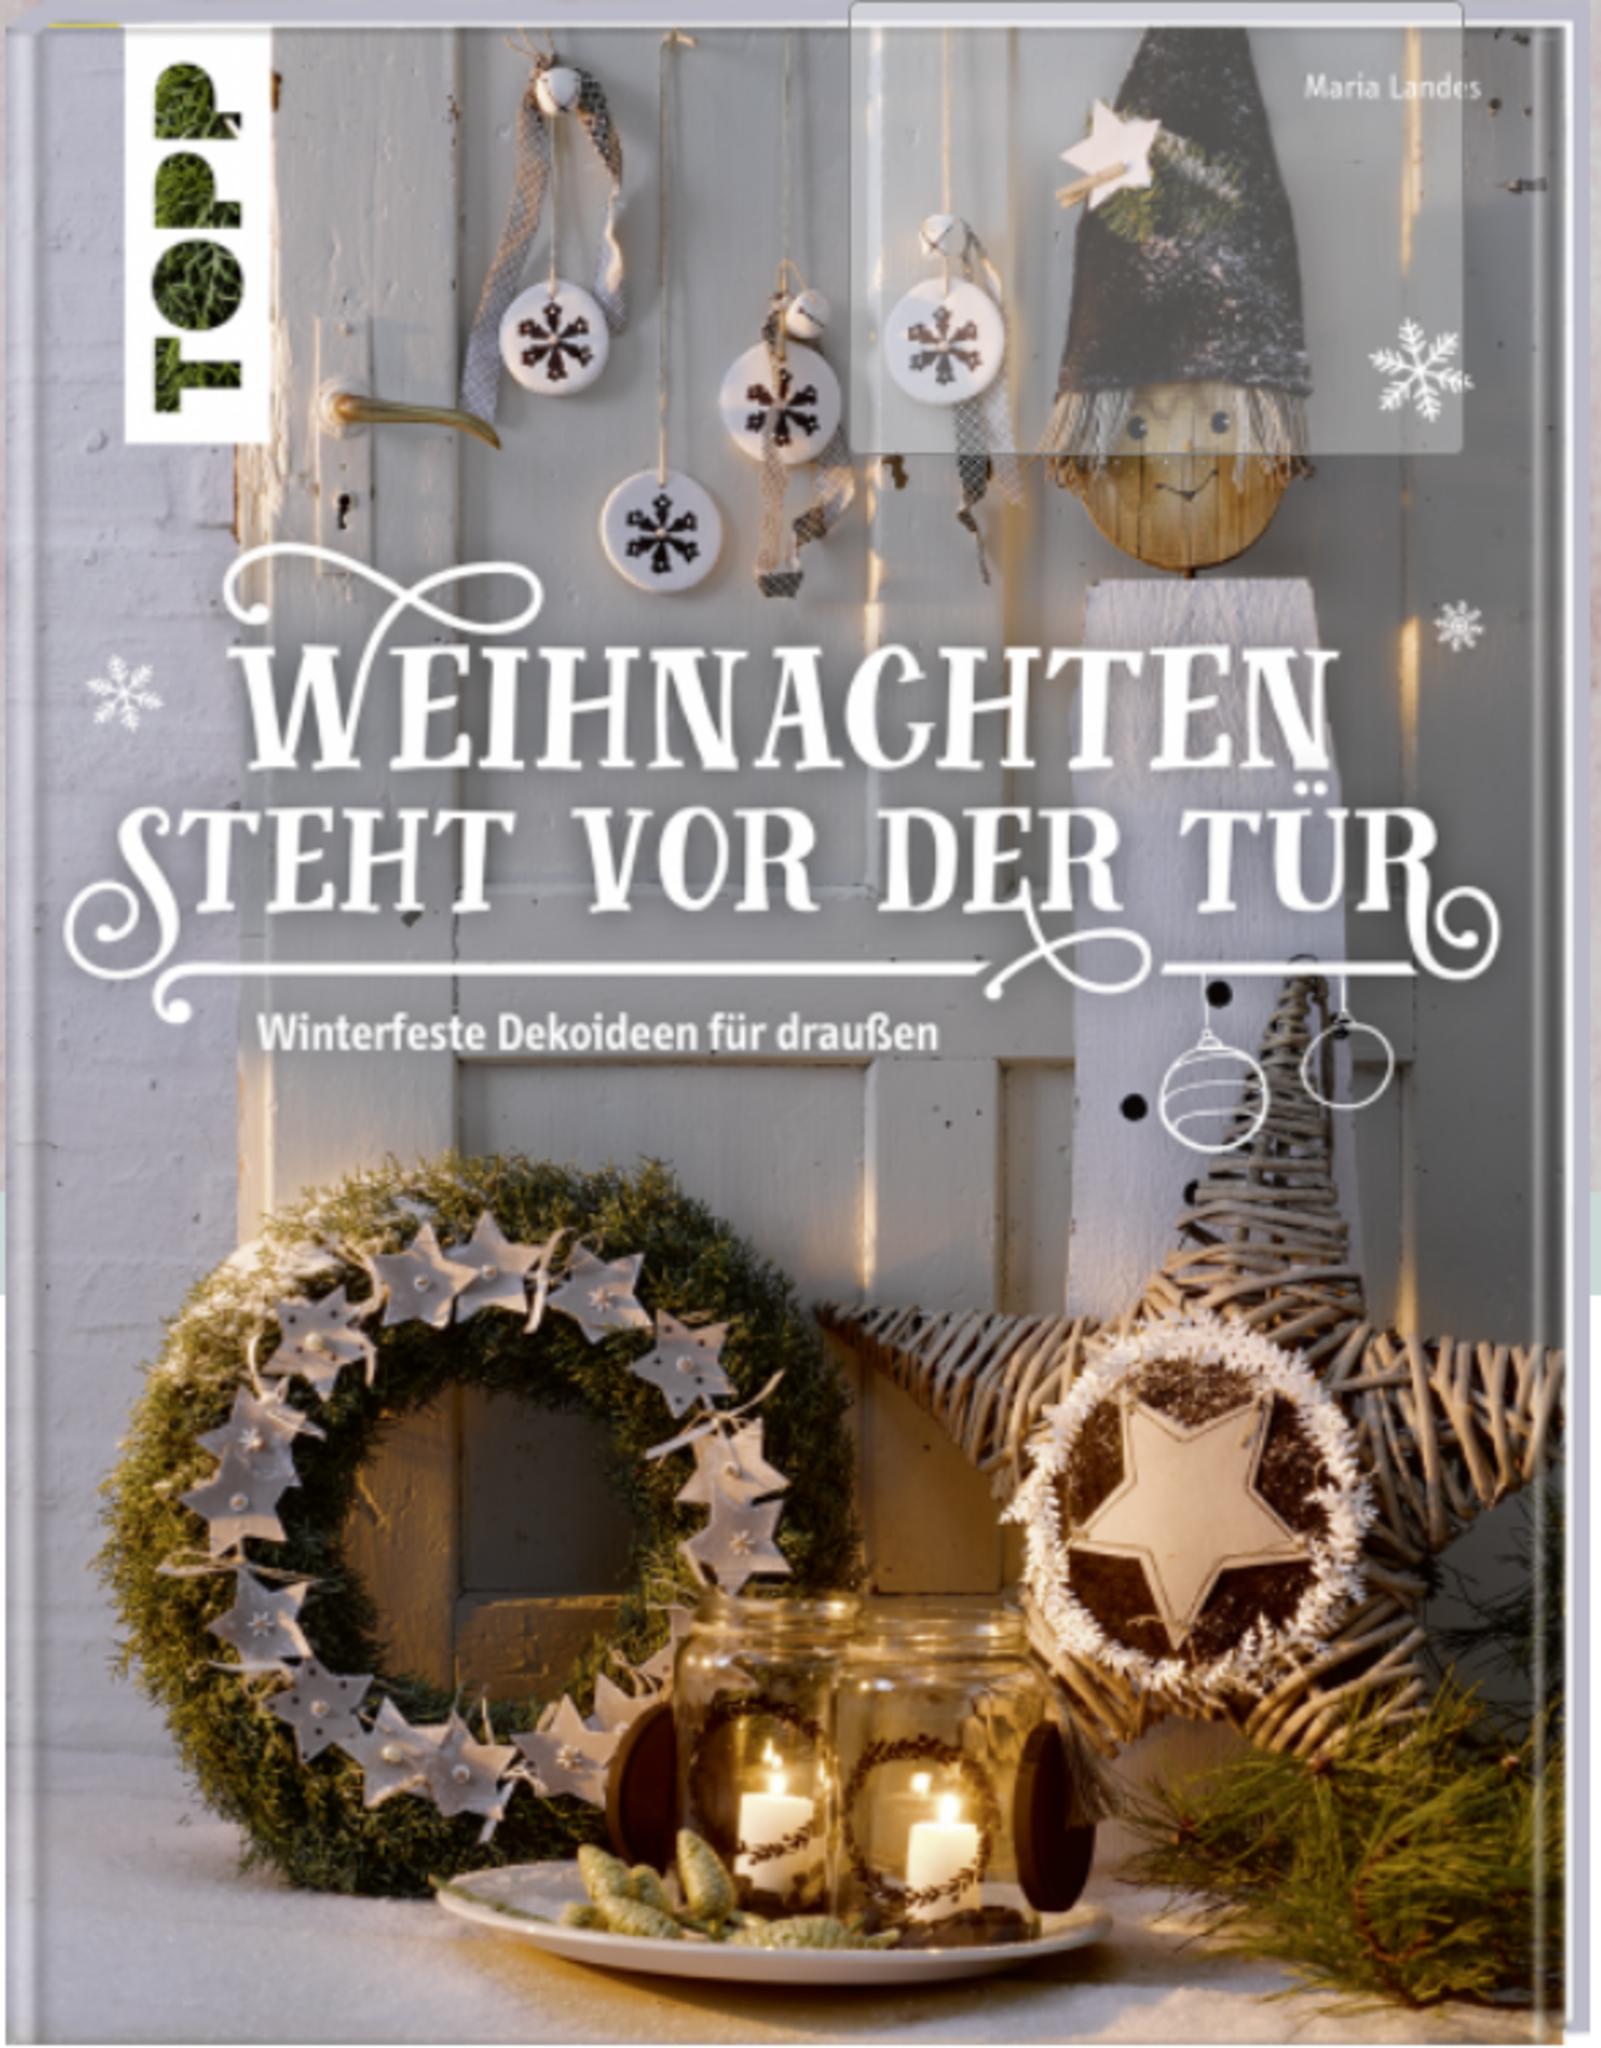 Buchtipp: Weihnachten steht vor der Tür - Miltenberg